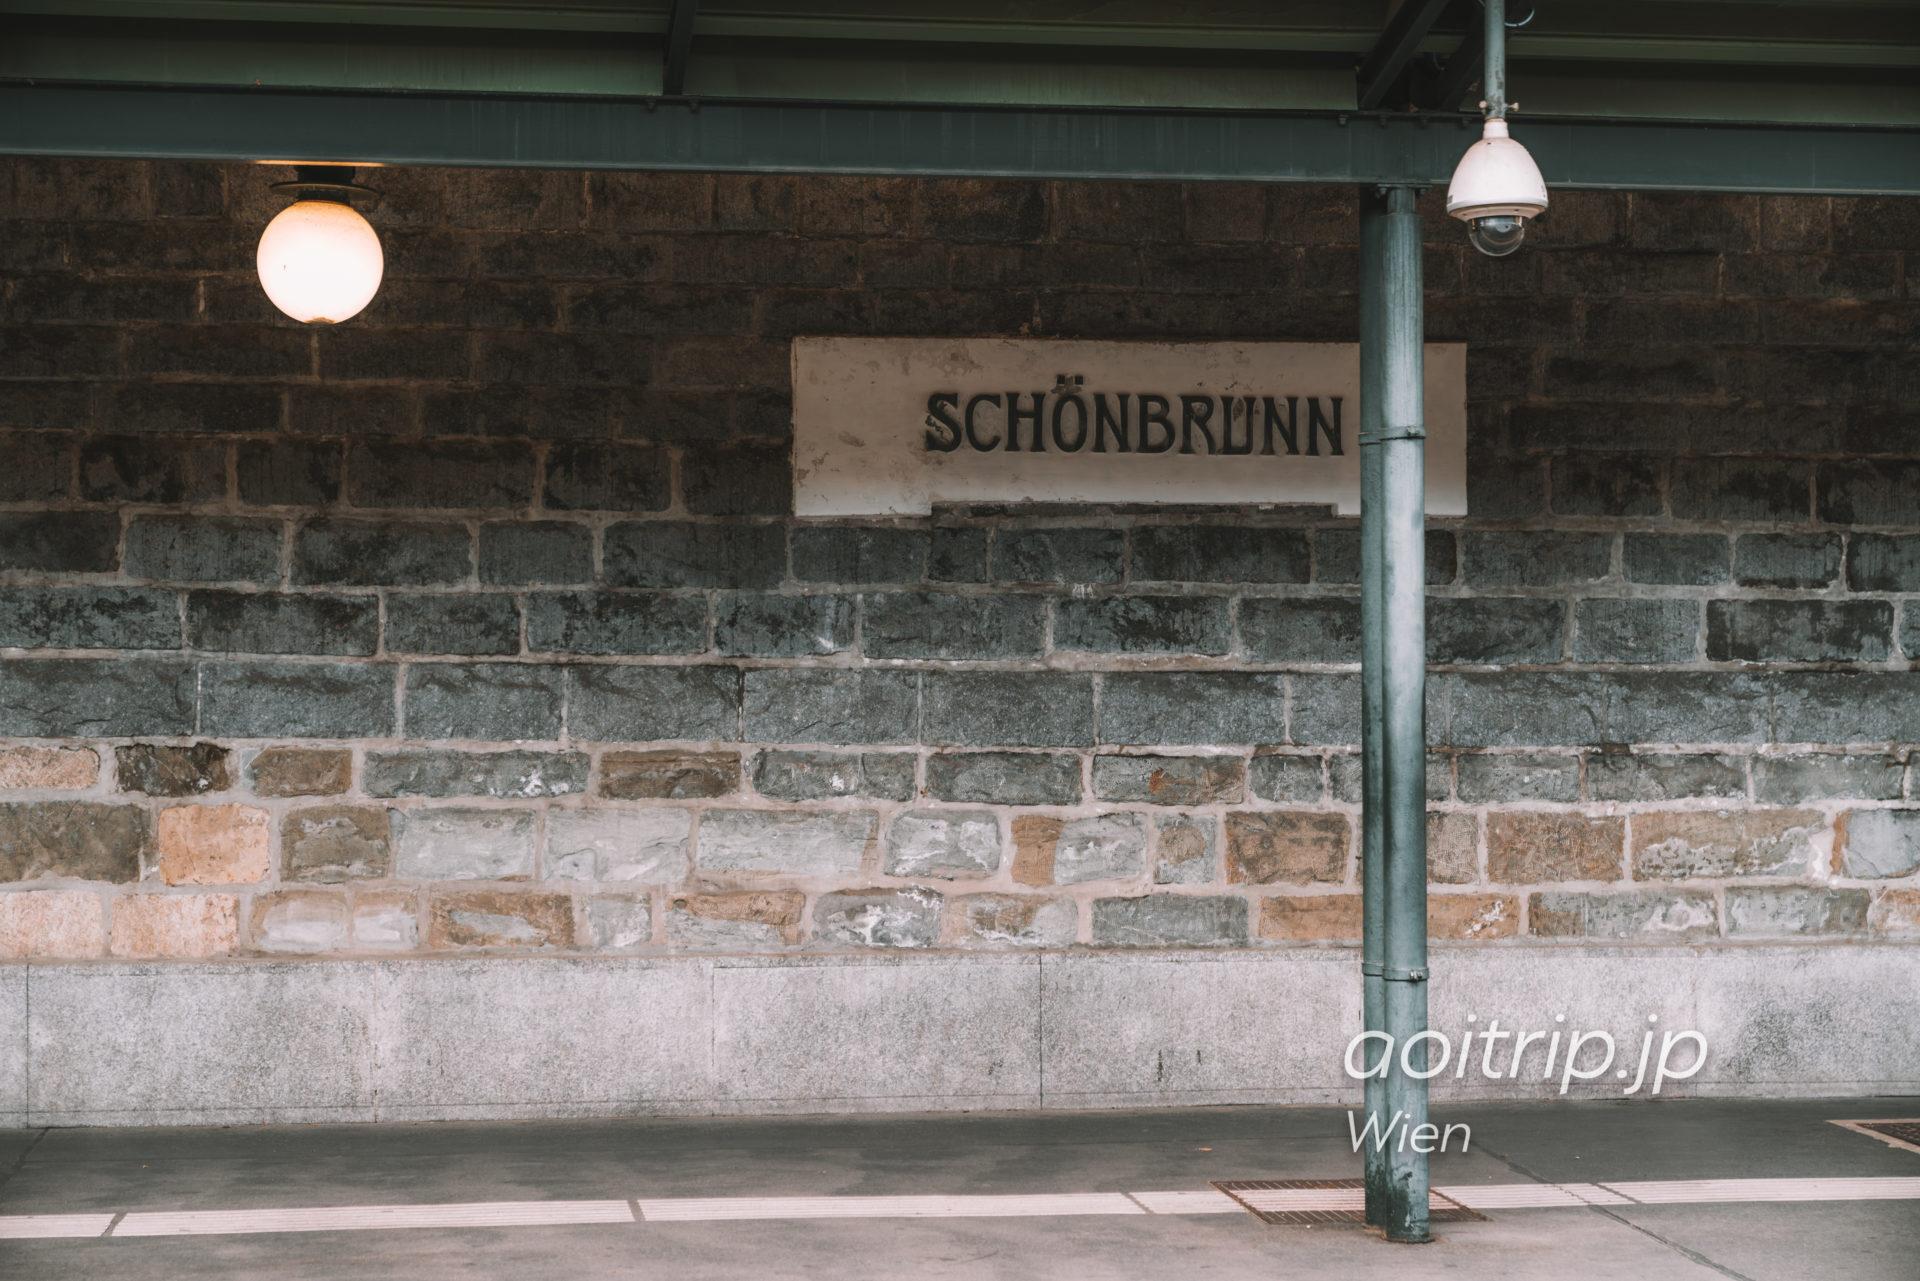 ウィーン シェーンブルン宮殿の最寄駅Schönbrunn駅